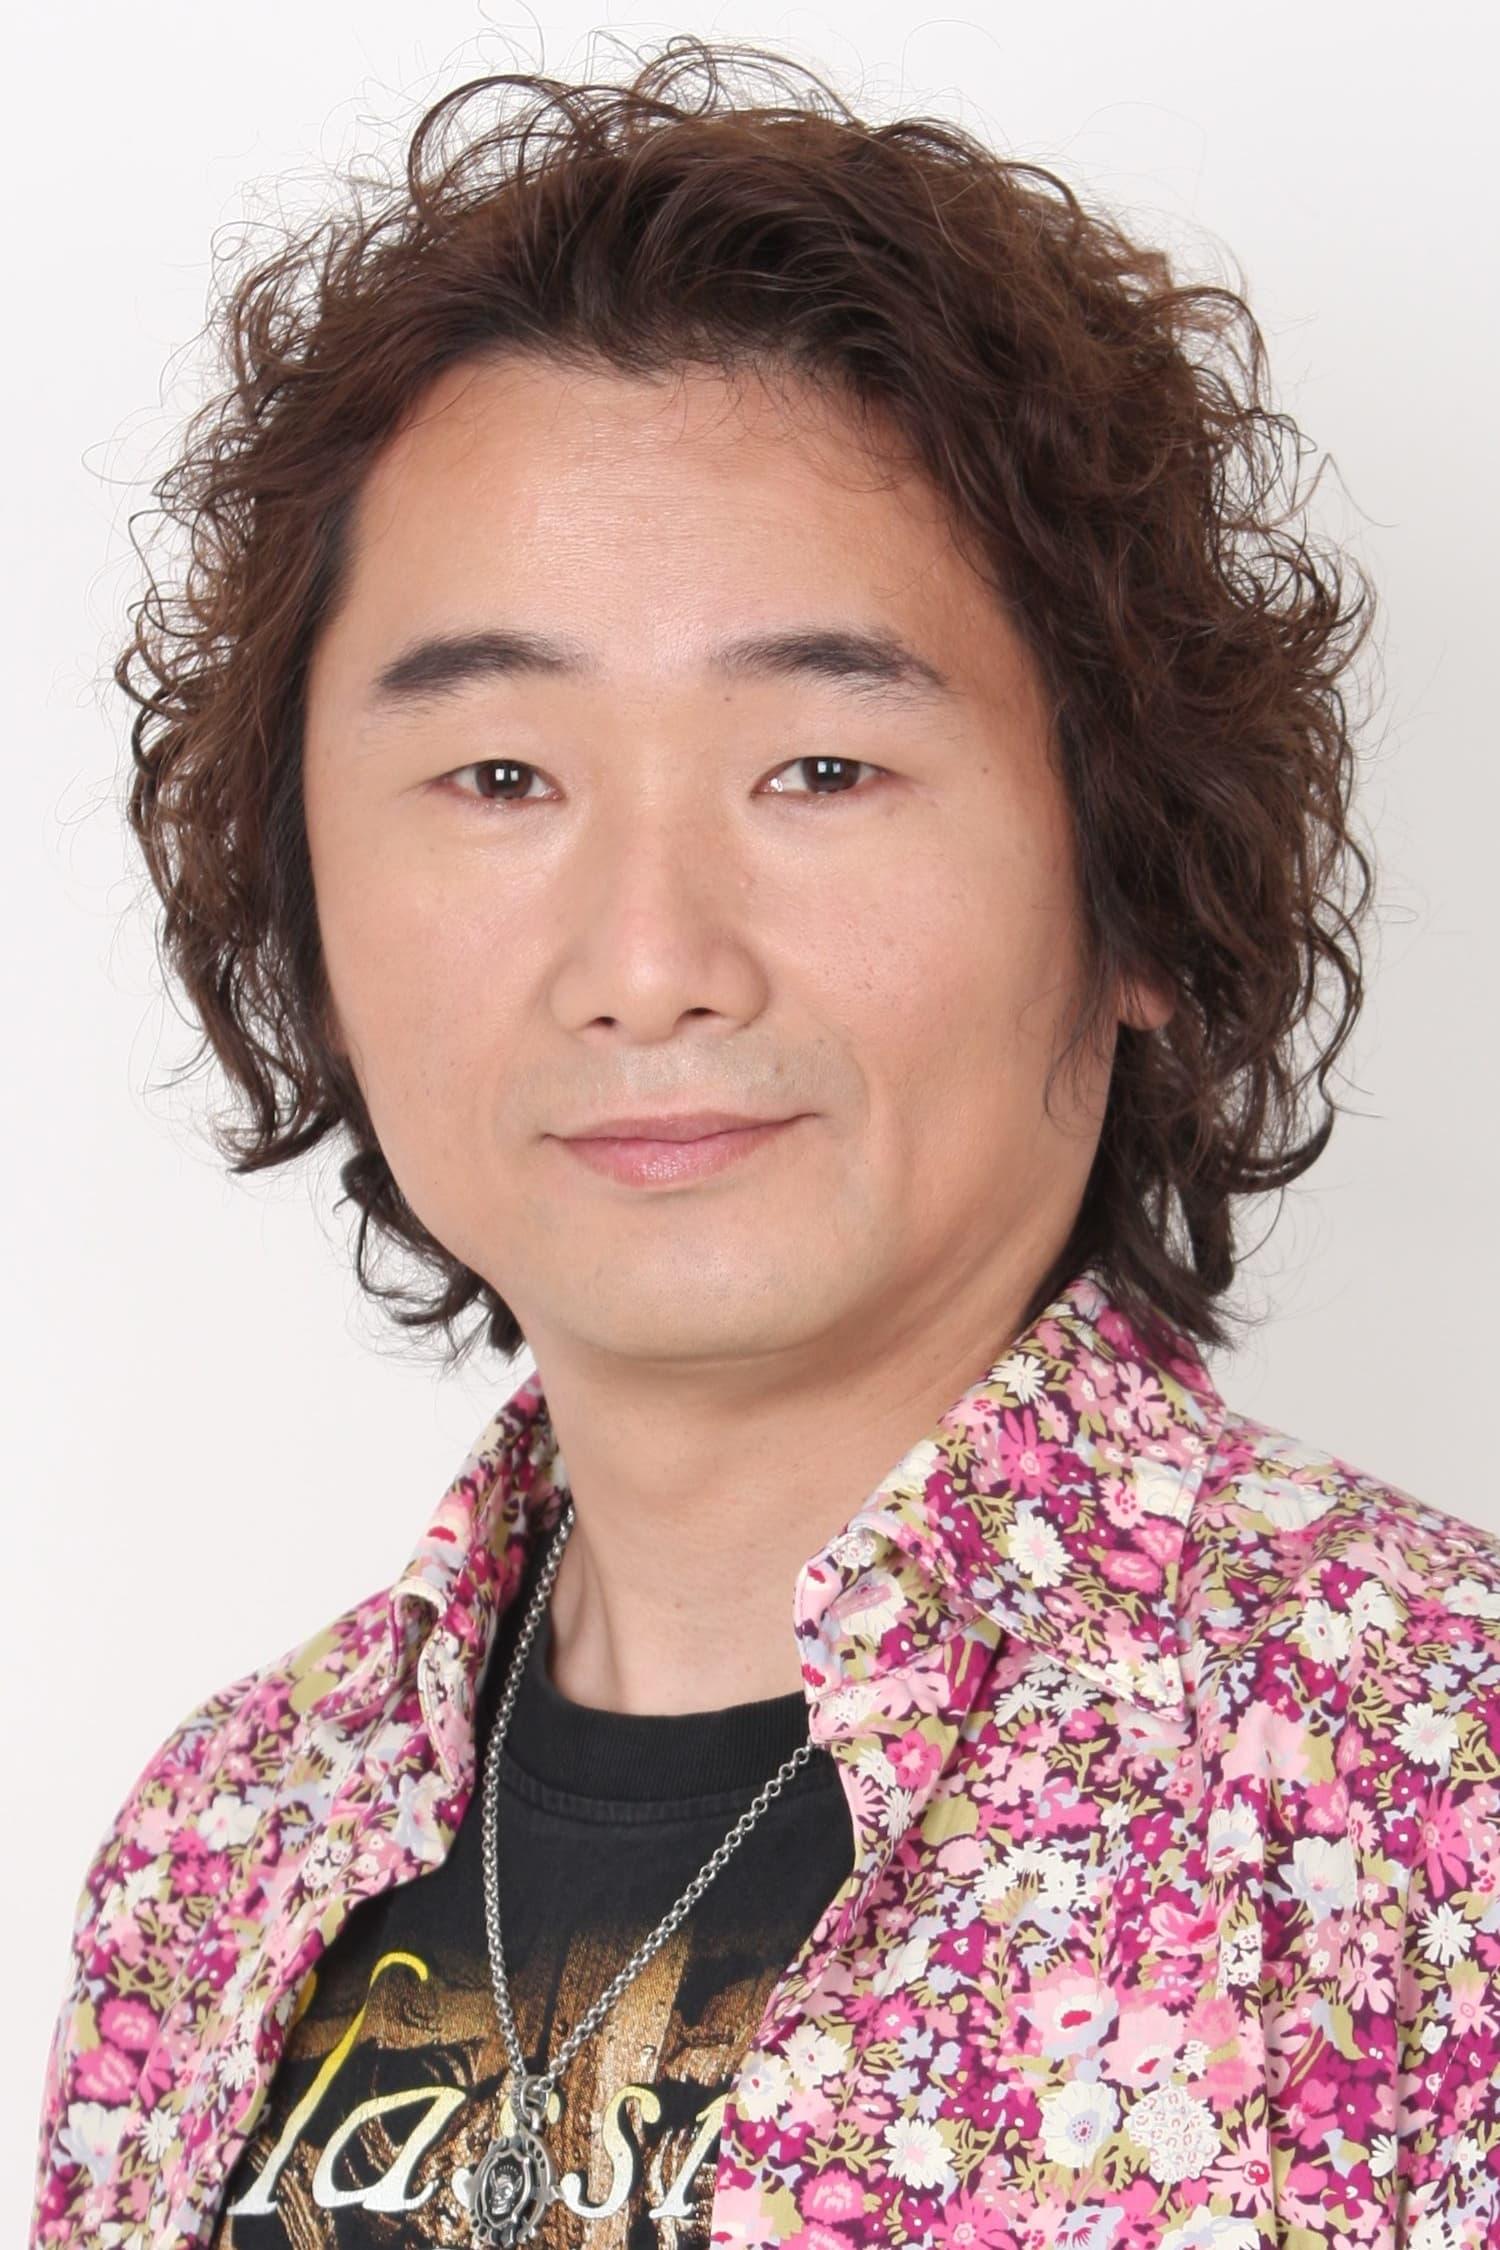 Hiroto Kazuki